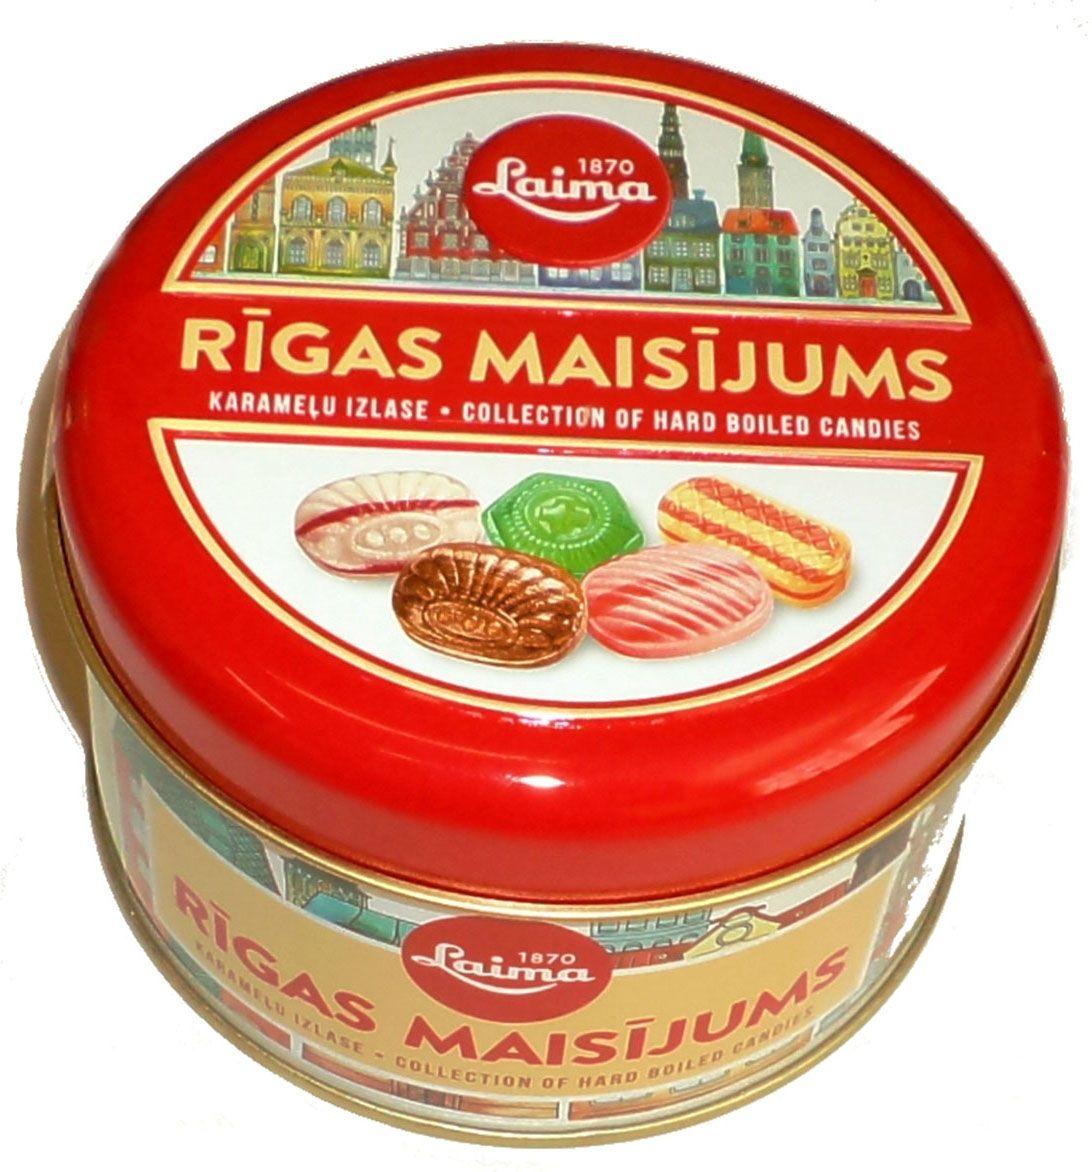 Laima Рижская смесь пять видов карамели, 300 гH180001003Лакомство из Риги. Железная банка, в которой 5 видов карамели с фруктовой начинкой, молочной, ореховой, леденцы.